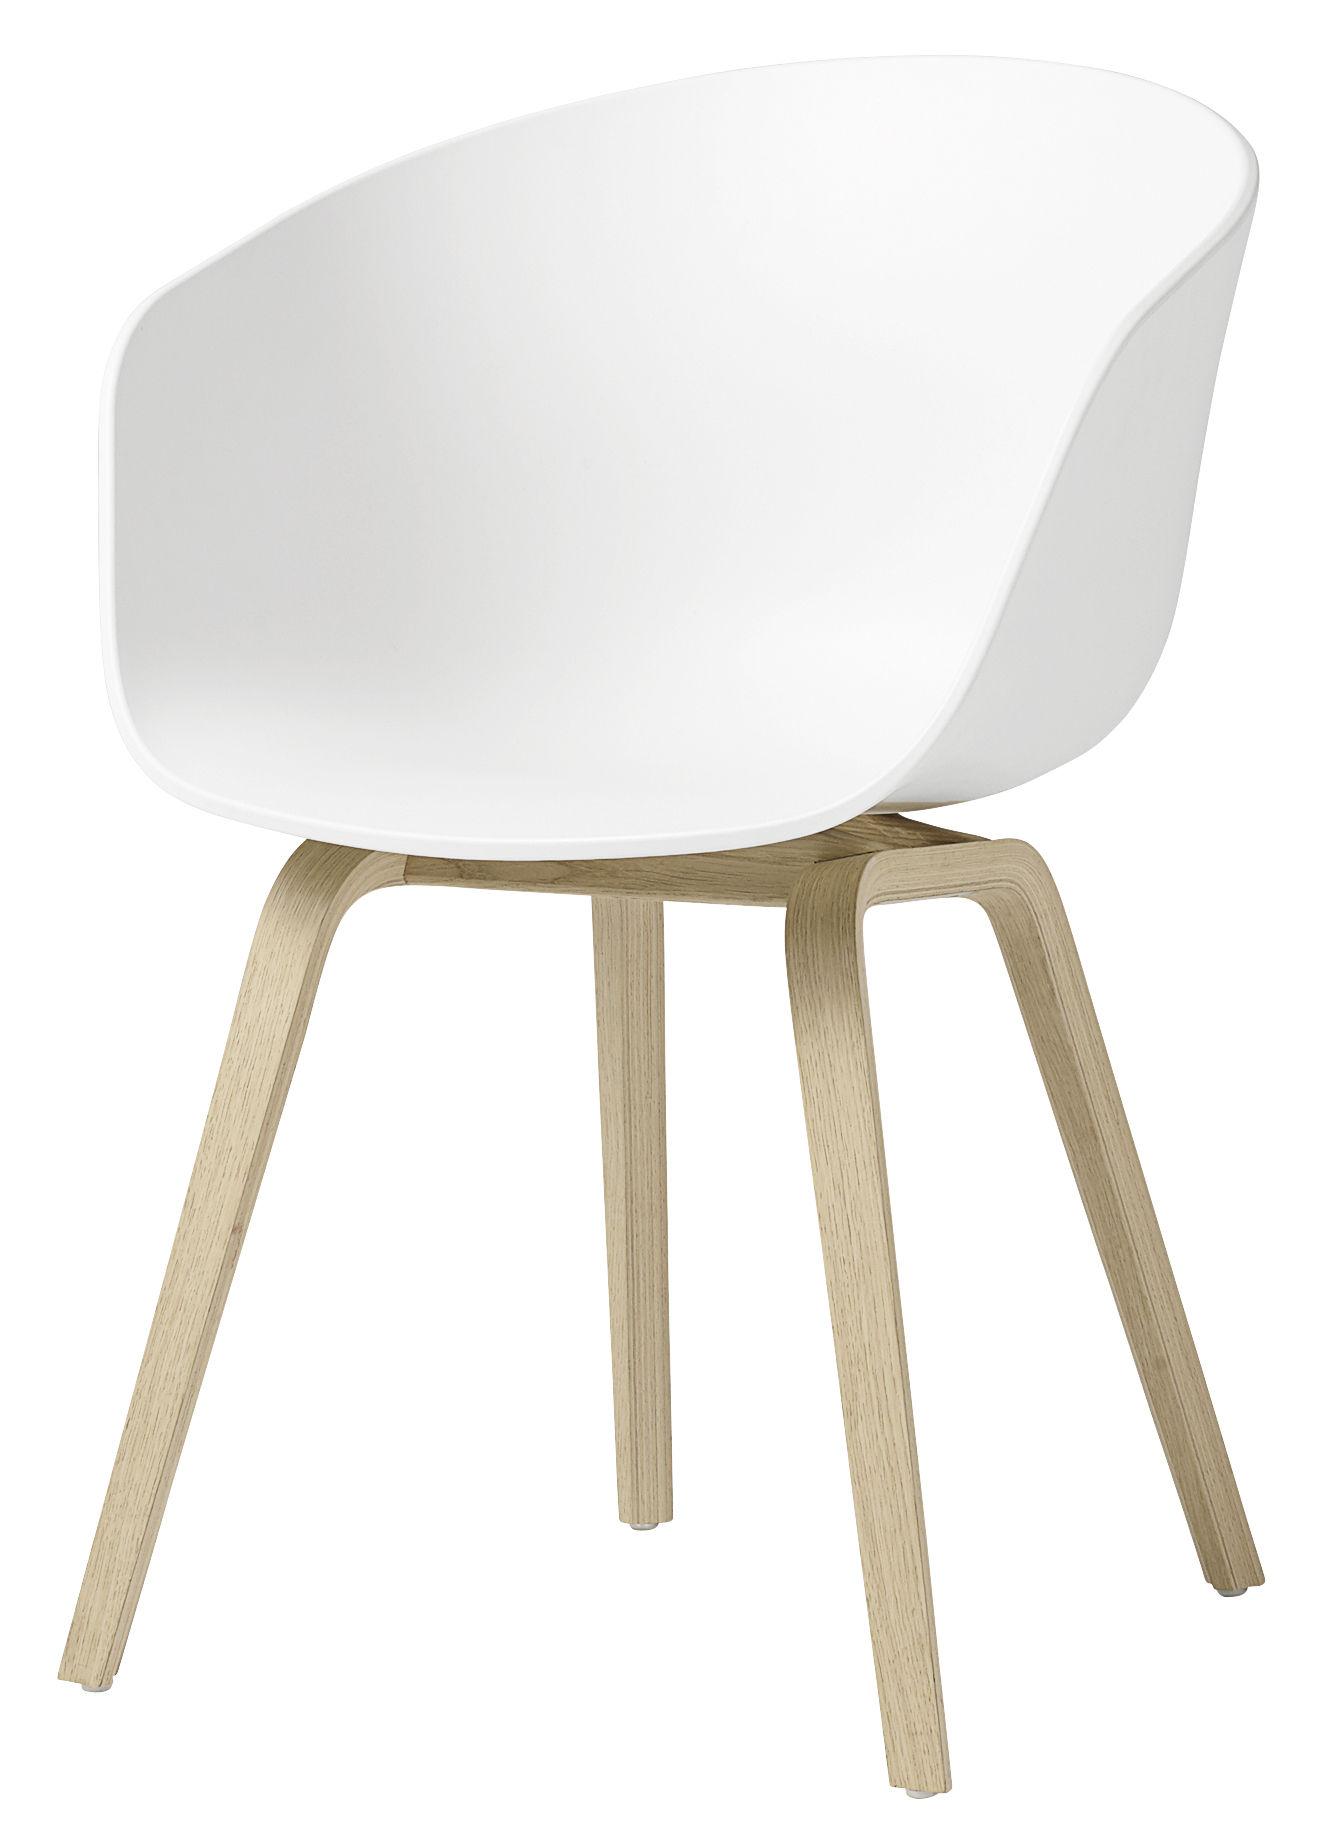 Mobilier - Chaises, fauteuils de salle à manger - Fauteuil About a chair AAC22 / Plastique & chêne verni mat - Hay - Blanc / Chêne verni mat -  Contreplaqué de chêne verni mat, Polypropylène